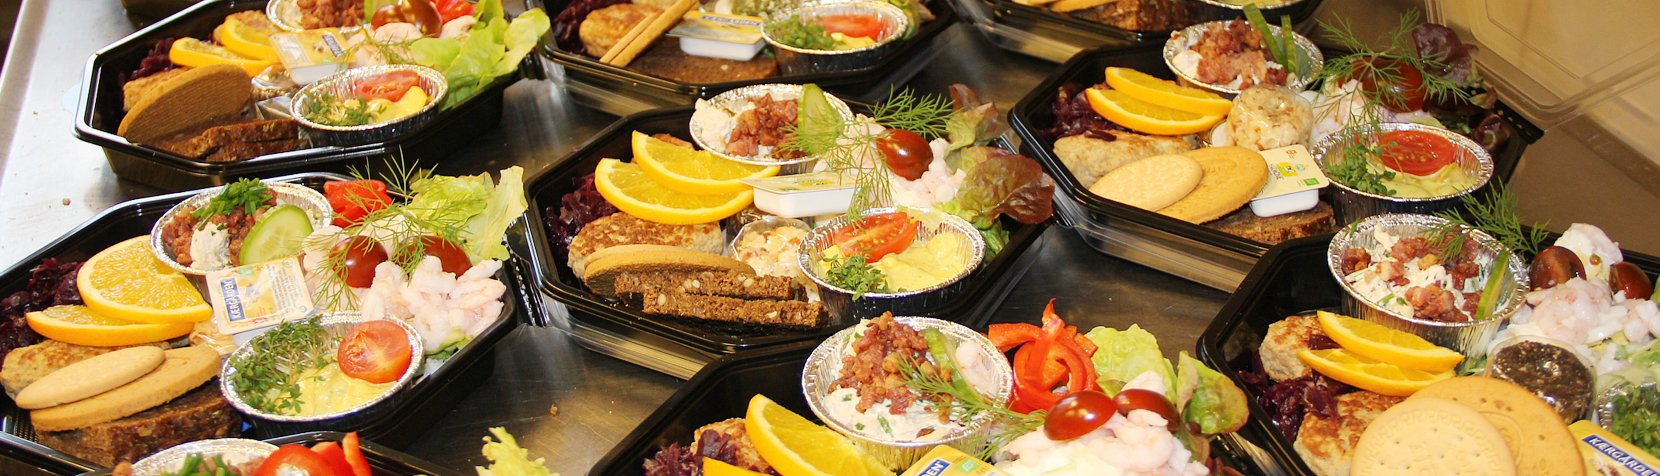 Caféens platter med blandt andet æg og rejer